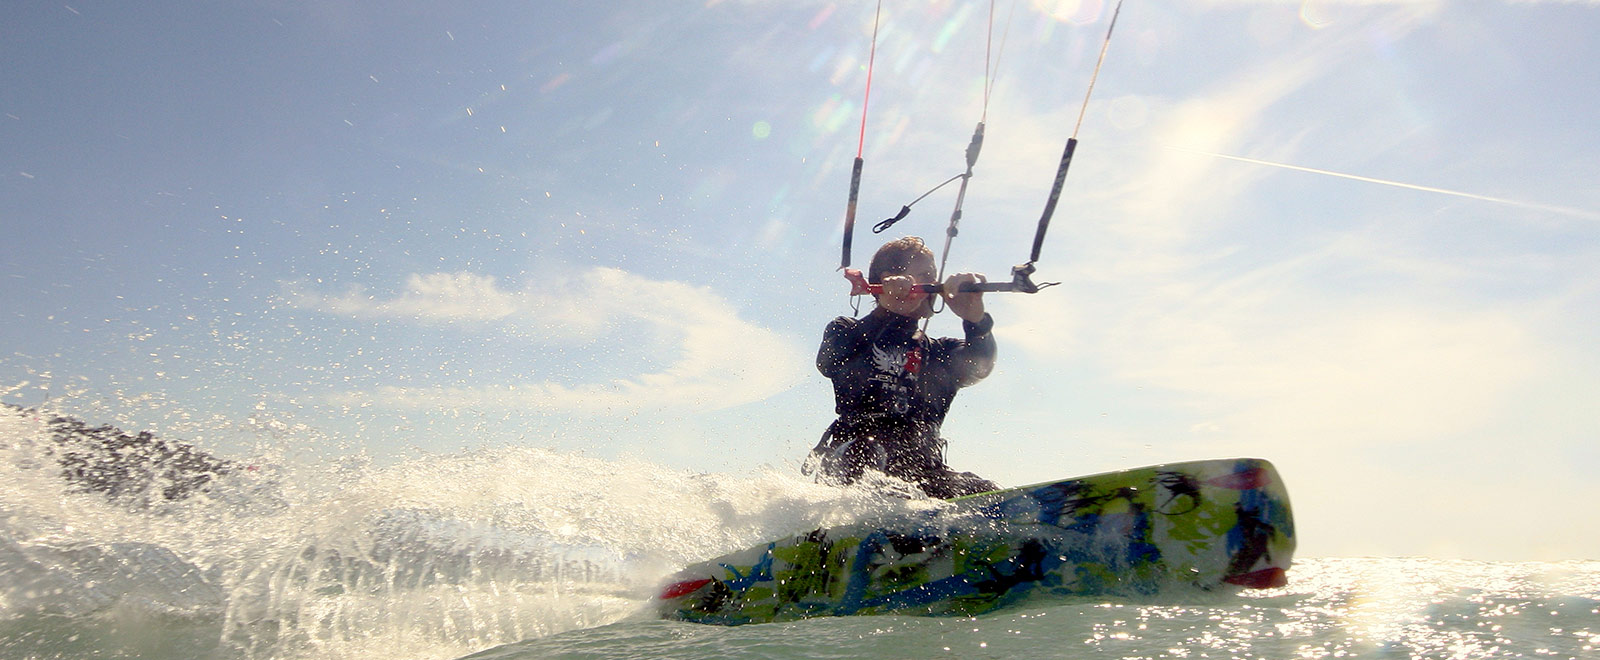 kitesurfer sunlight waterspray camber sands